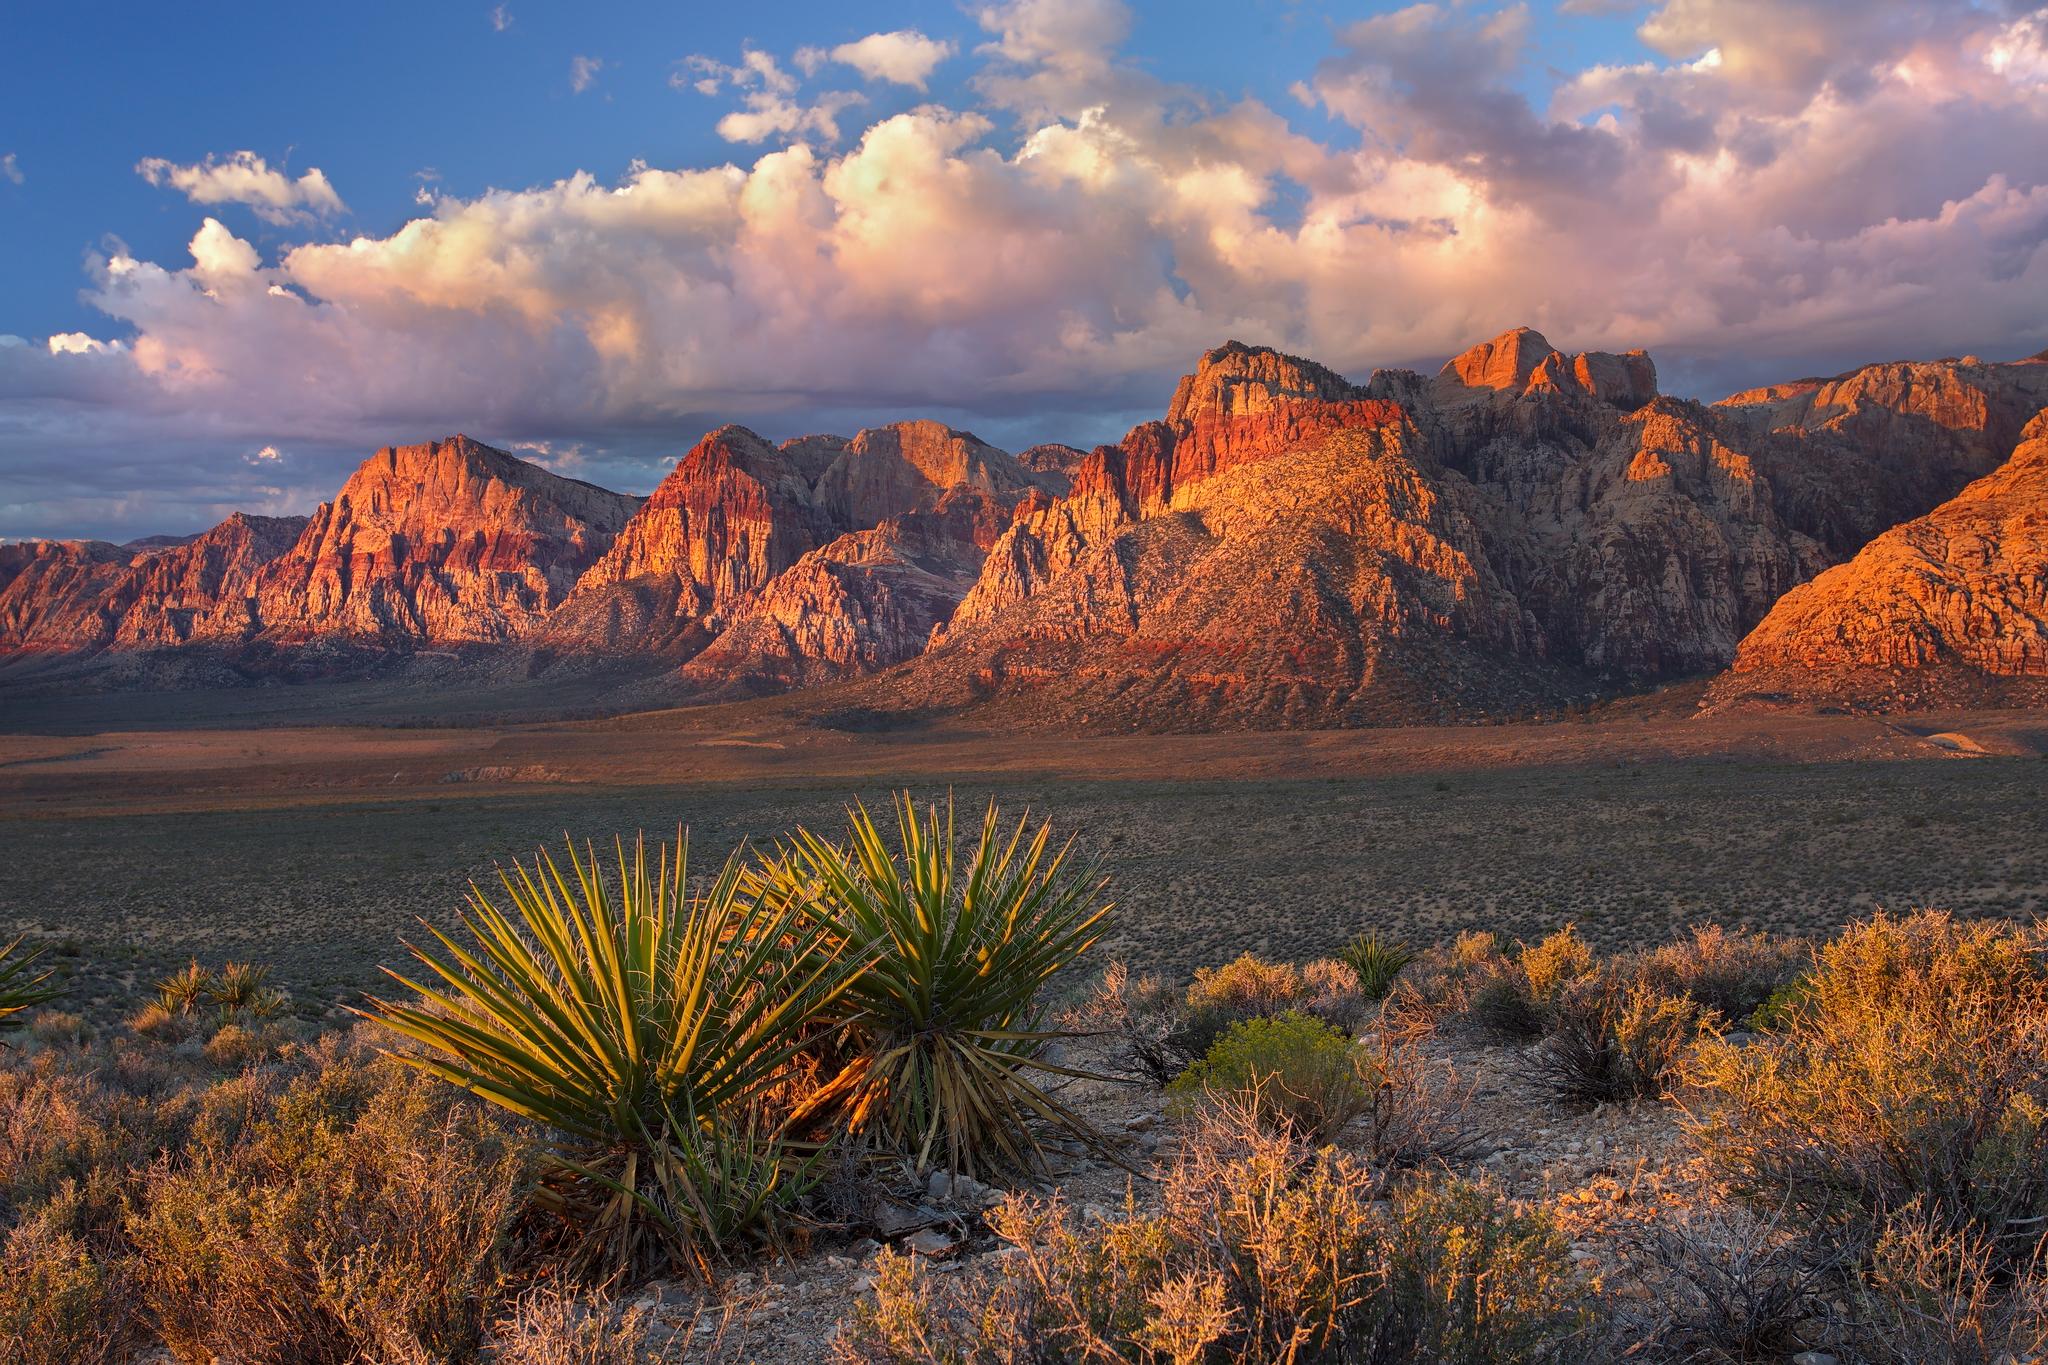 Sunset Cliffs Natural Park Rock